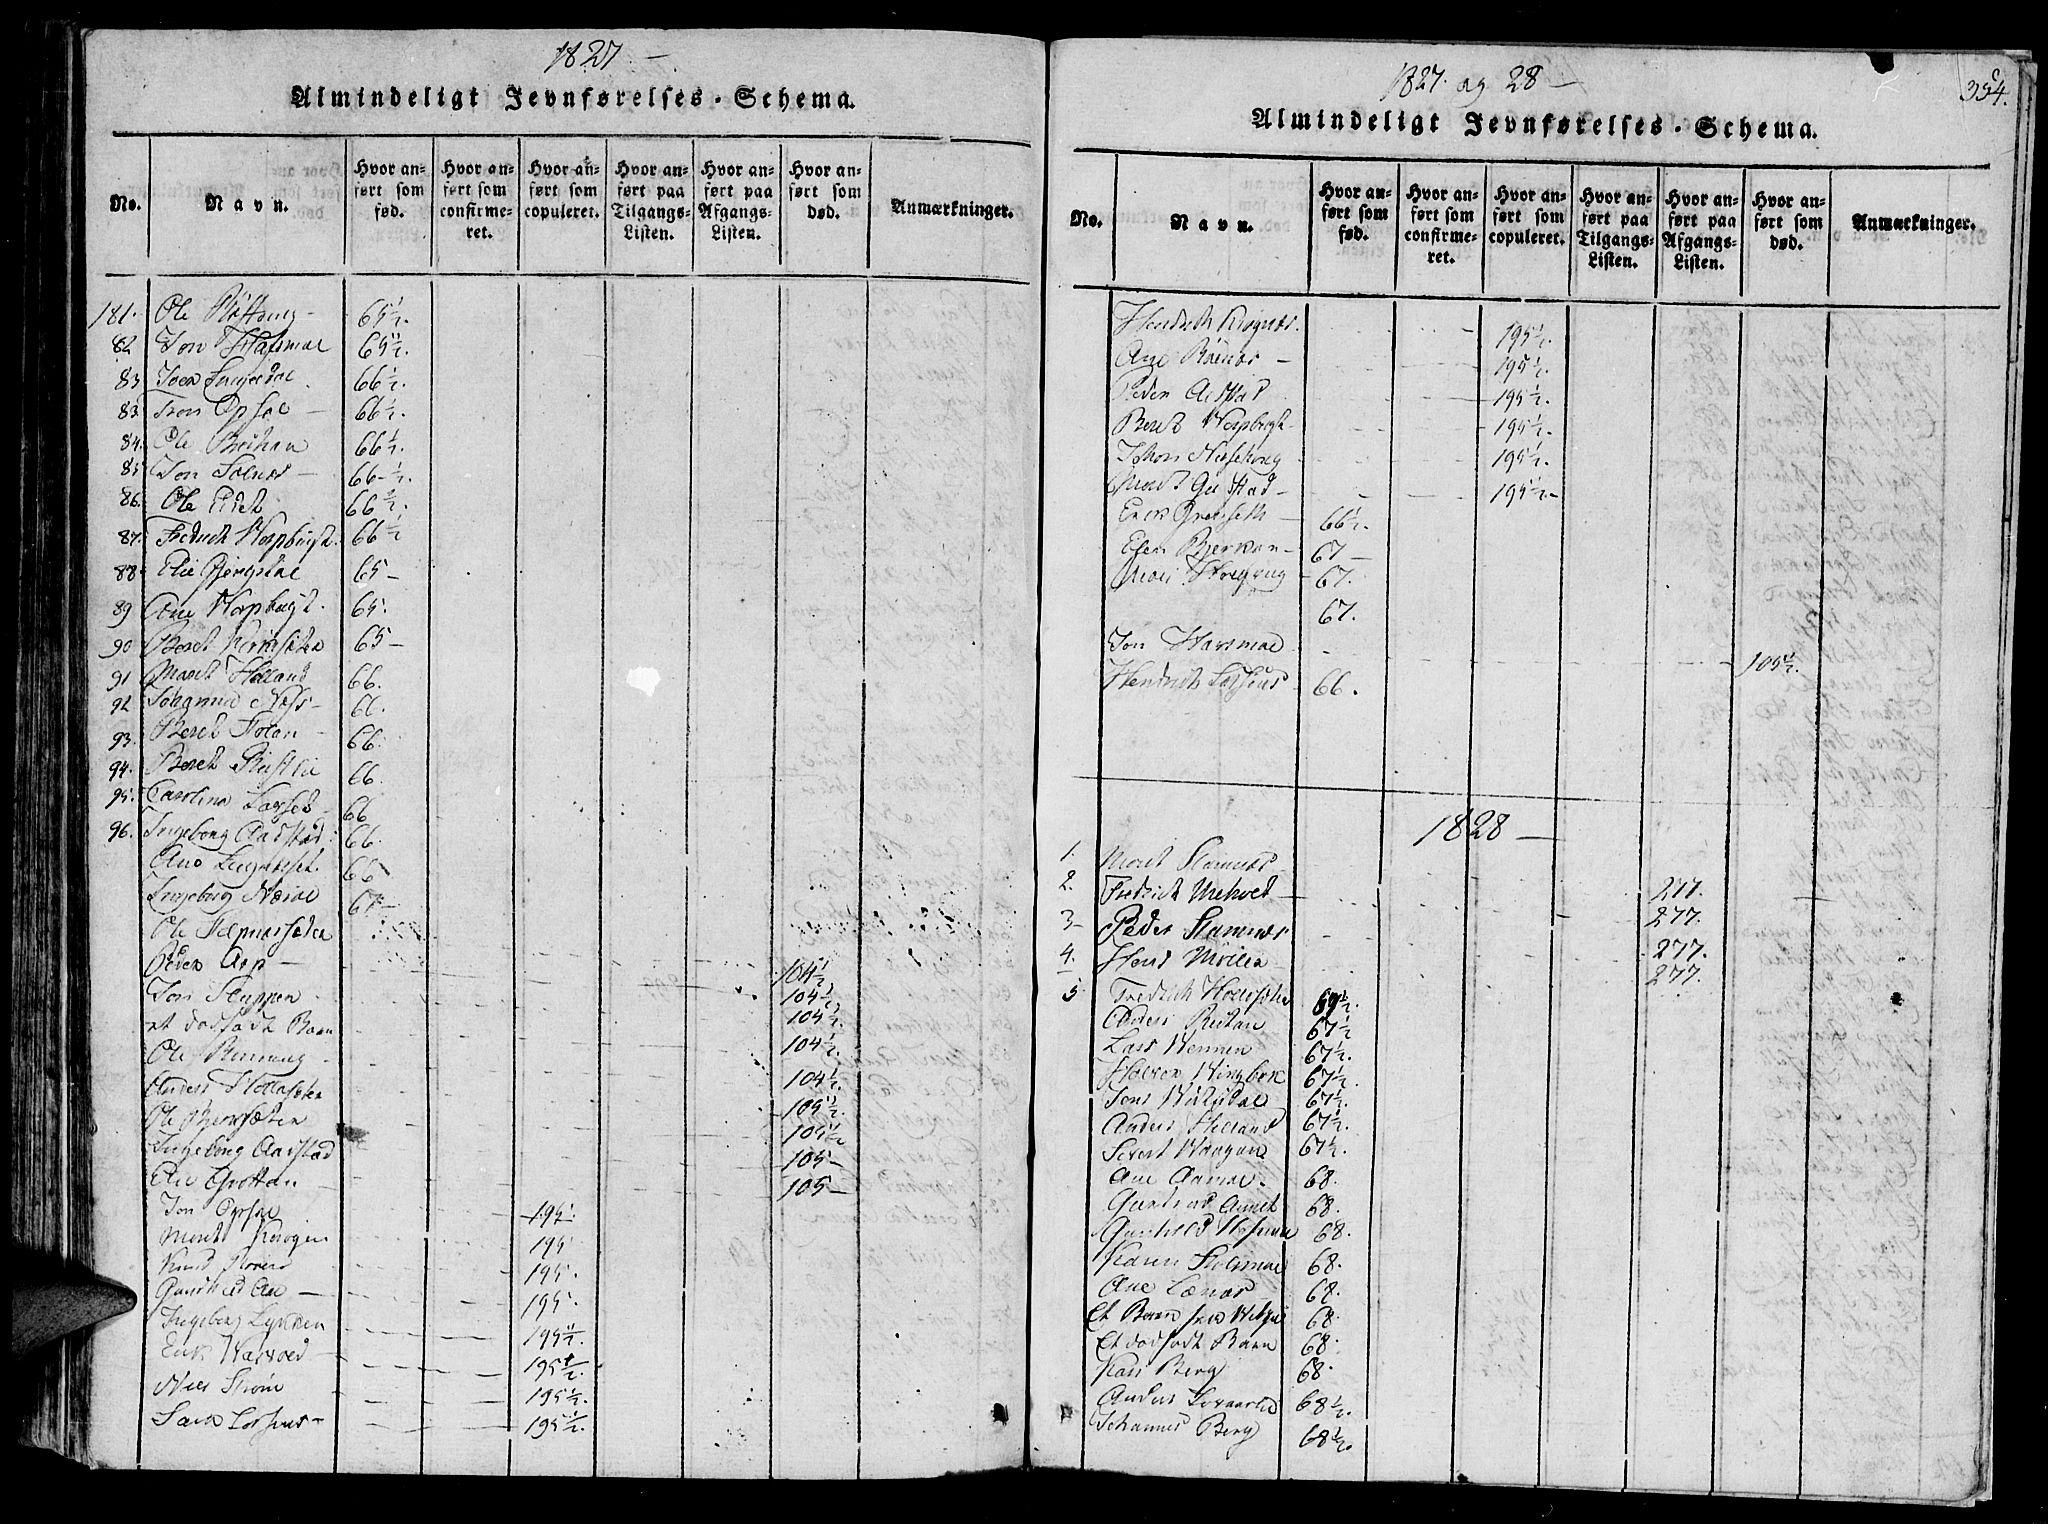 SAT, Ministerialprotokoller, klokkerbøker og fødselsregistre - Sør-Trøndelag, 630/L0491: Ministerialbok nr. 630A04, 1818-1830, s. 354